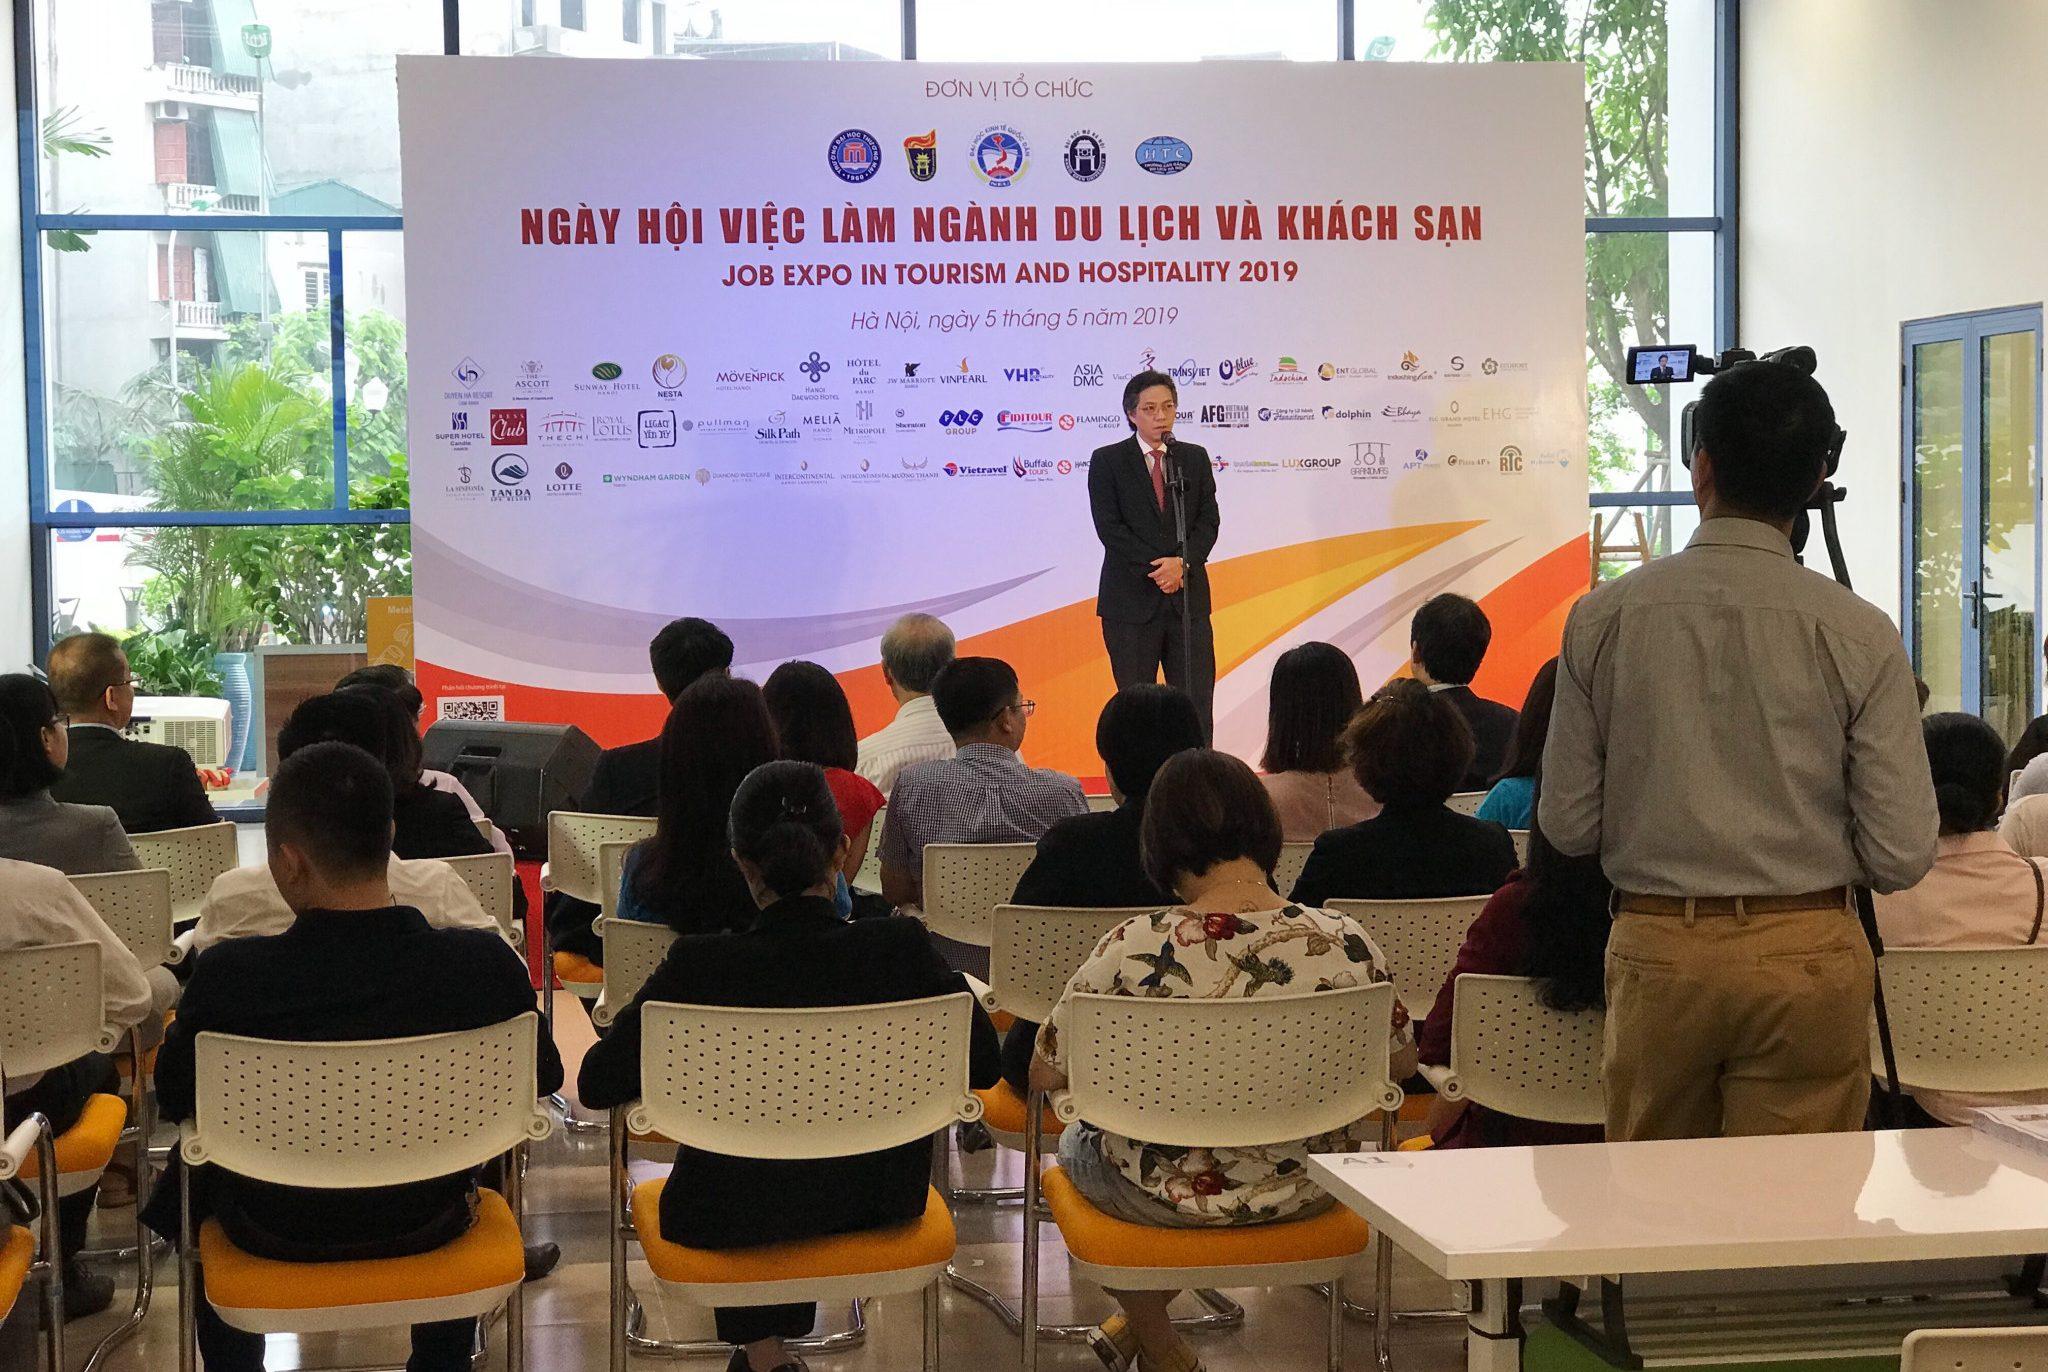 PGS.TS. Lê Anh Tuấn - Phó Vụ Trưởng Vụ Đào tạo, Bộ Văn hóa Thể thao và Du lịch phát biểu tại sự kiện.